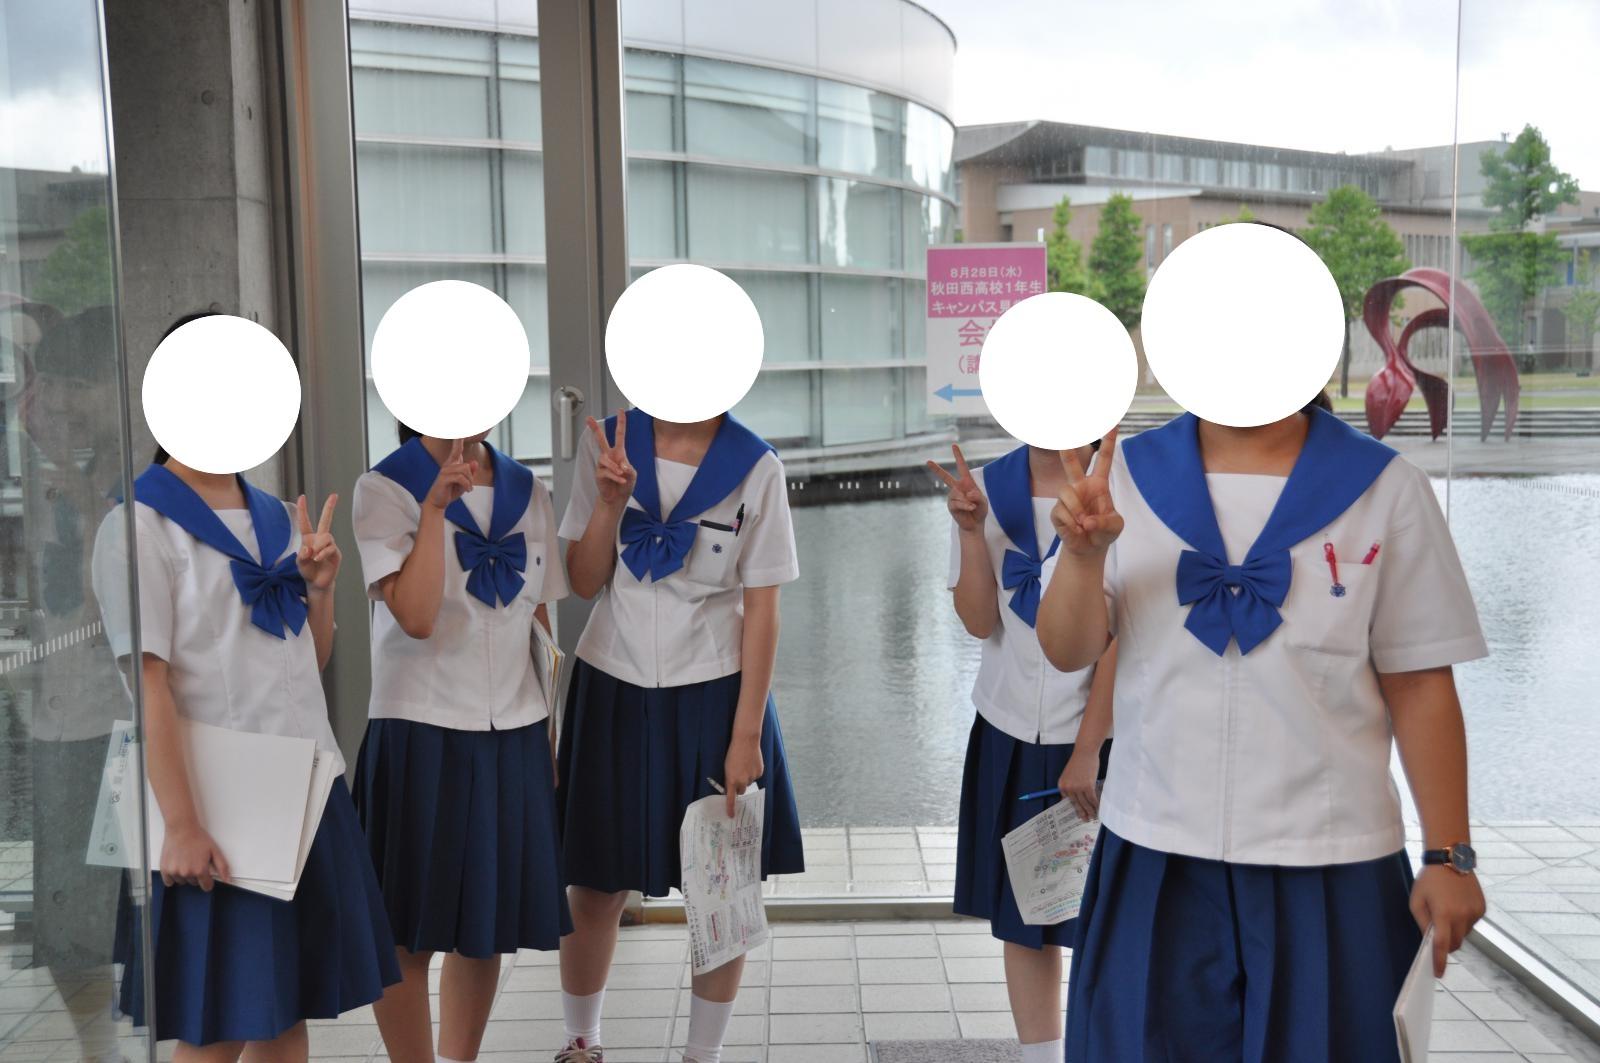 秋田西高等学校 秋田県 制服買取